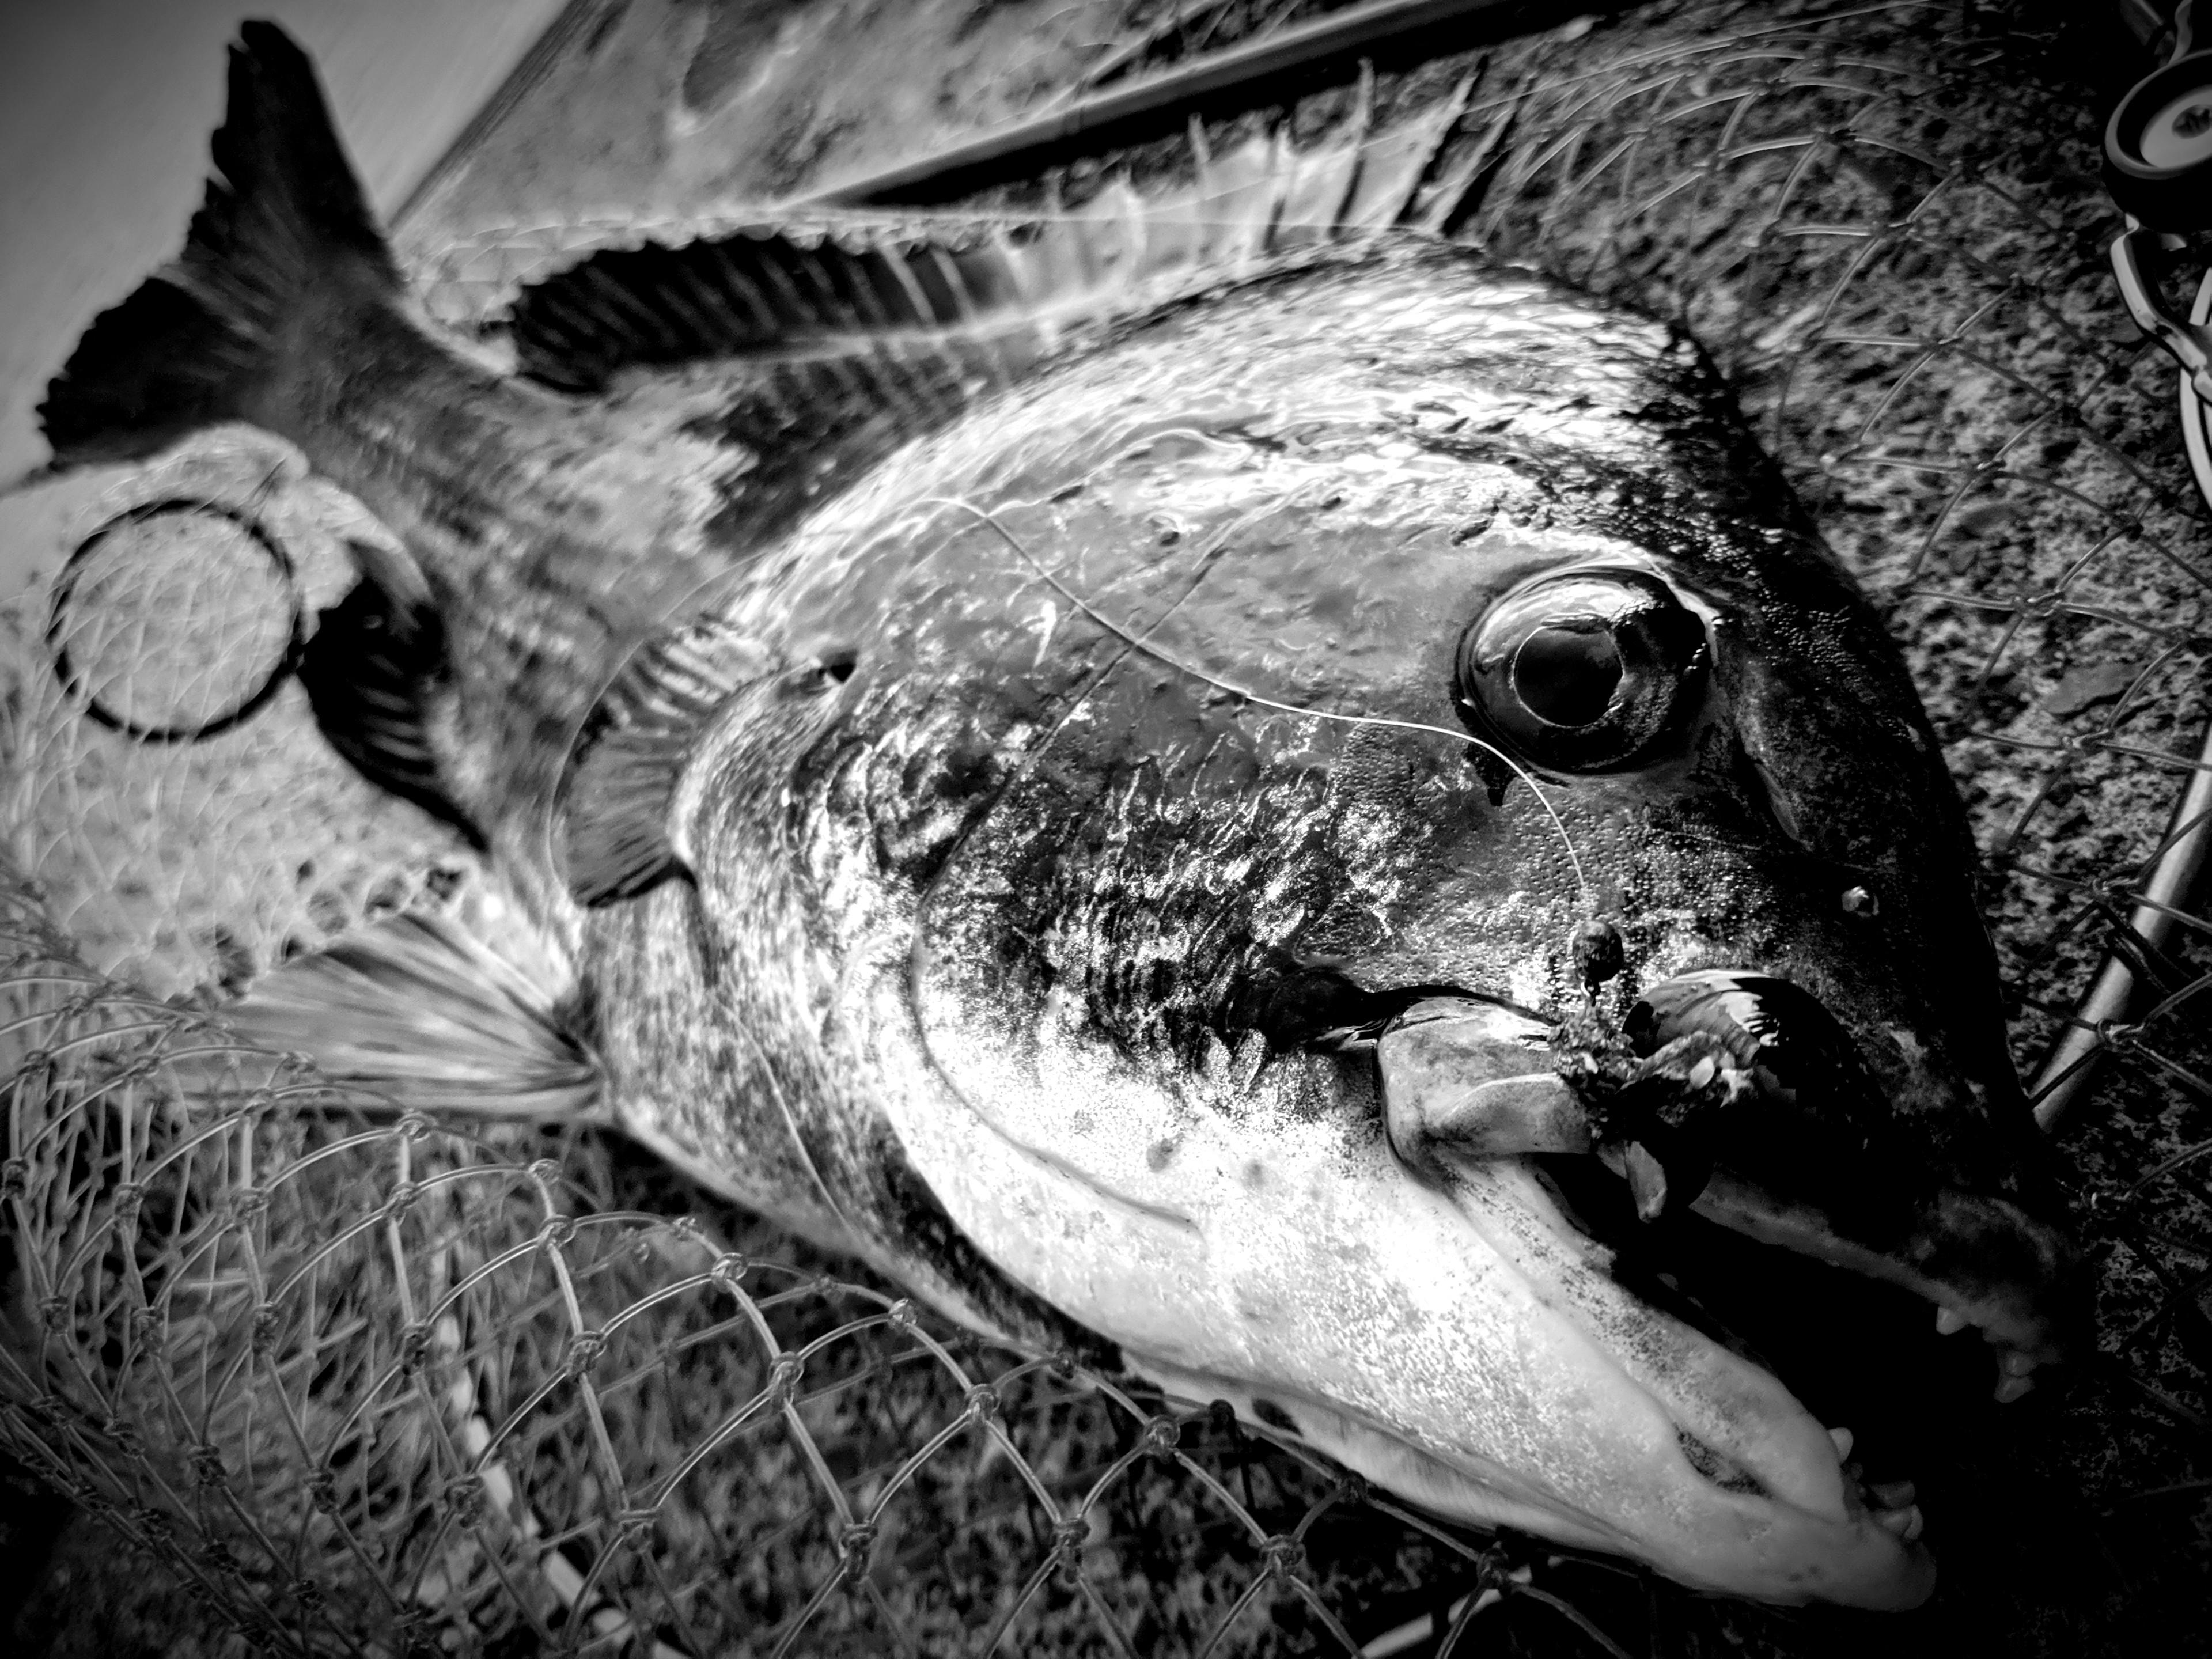 黒鯛(チヌ)